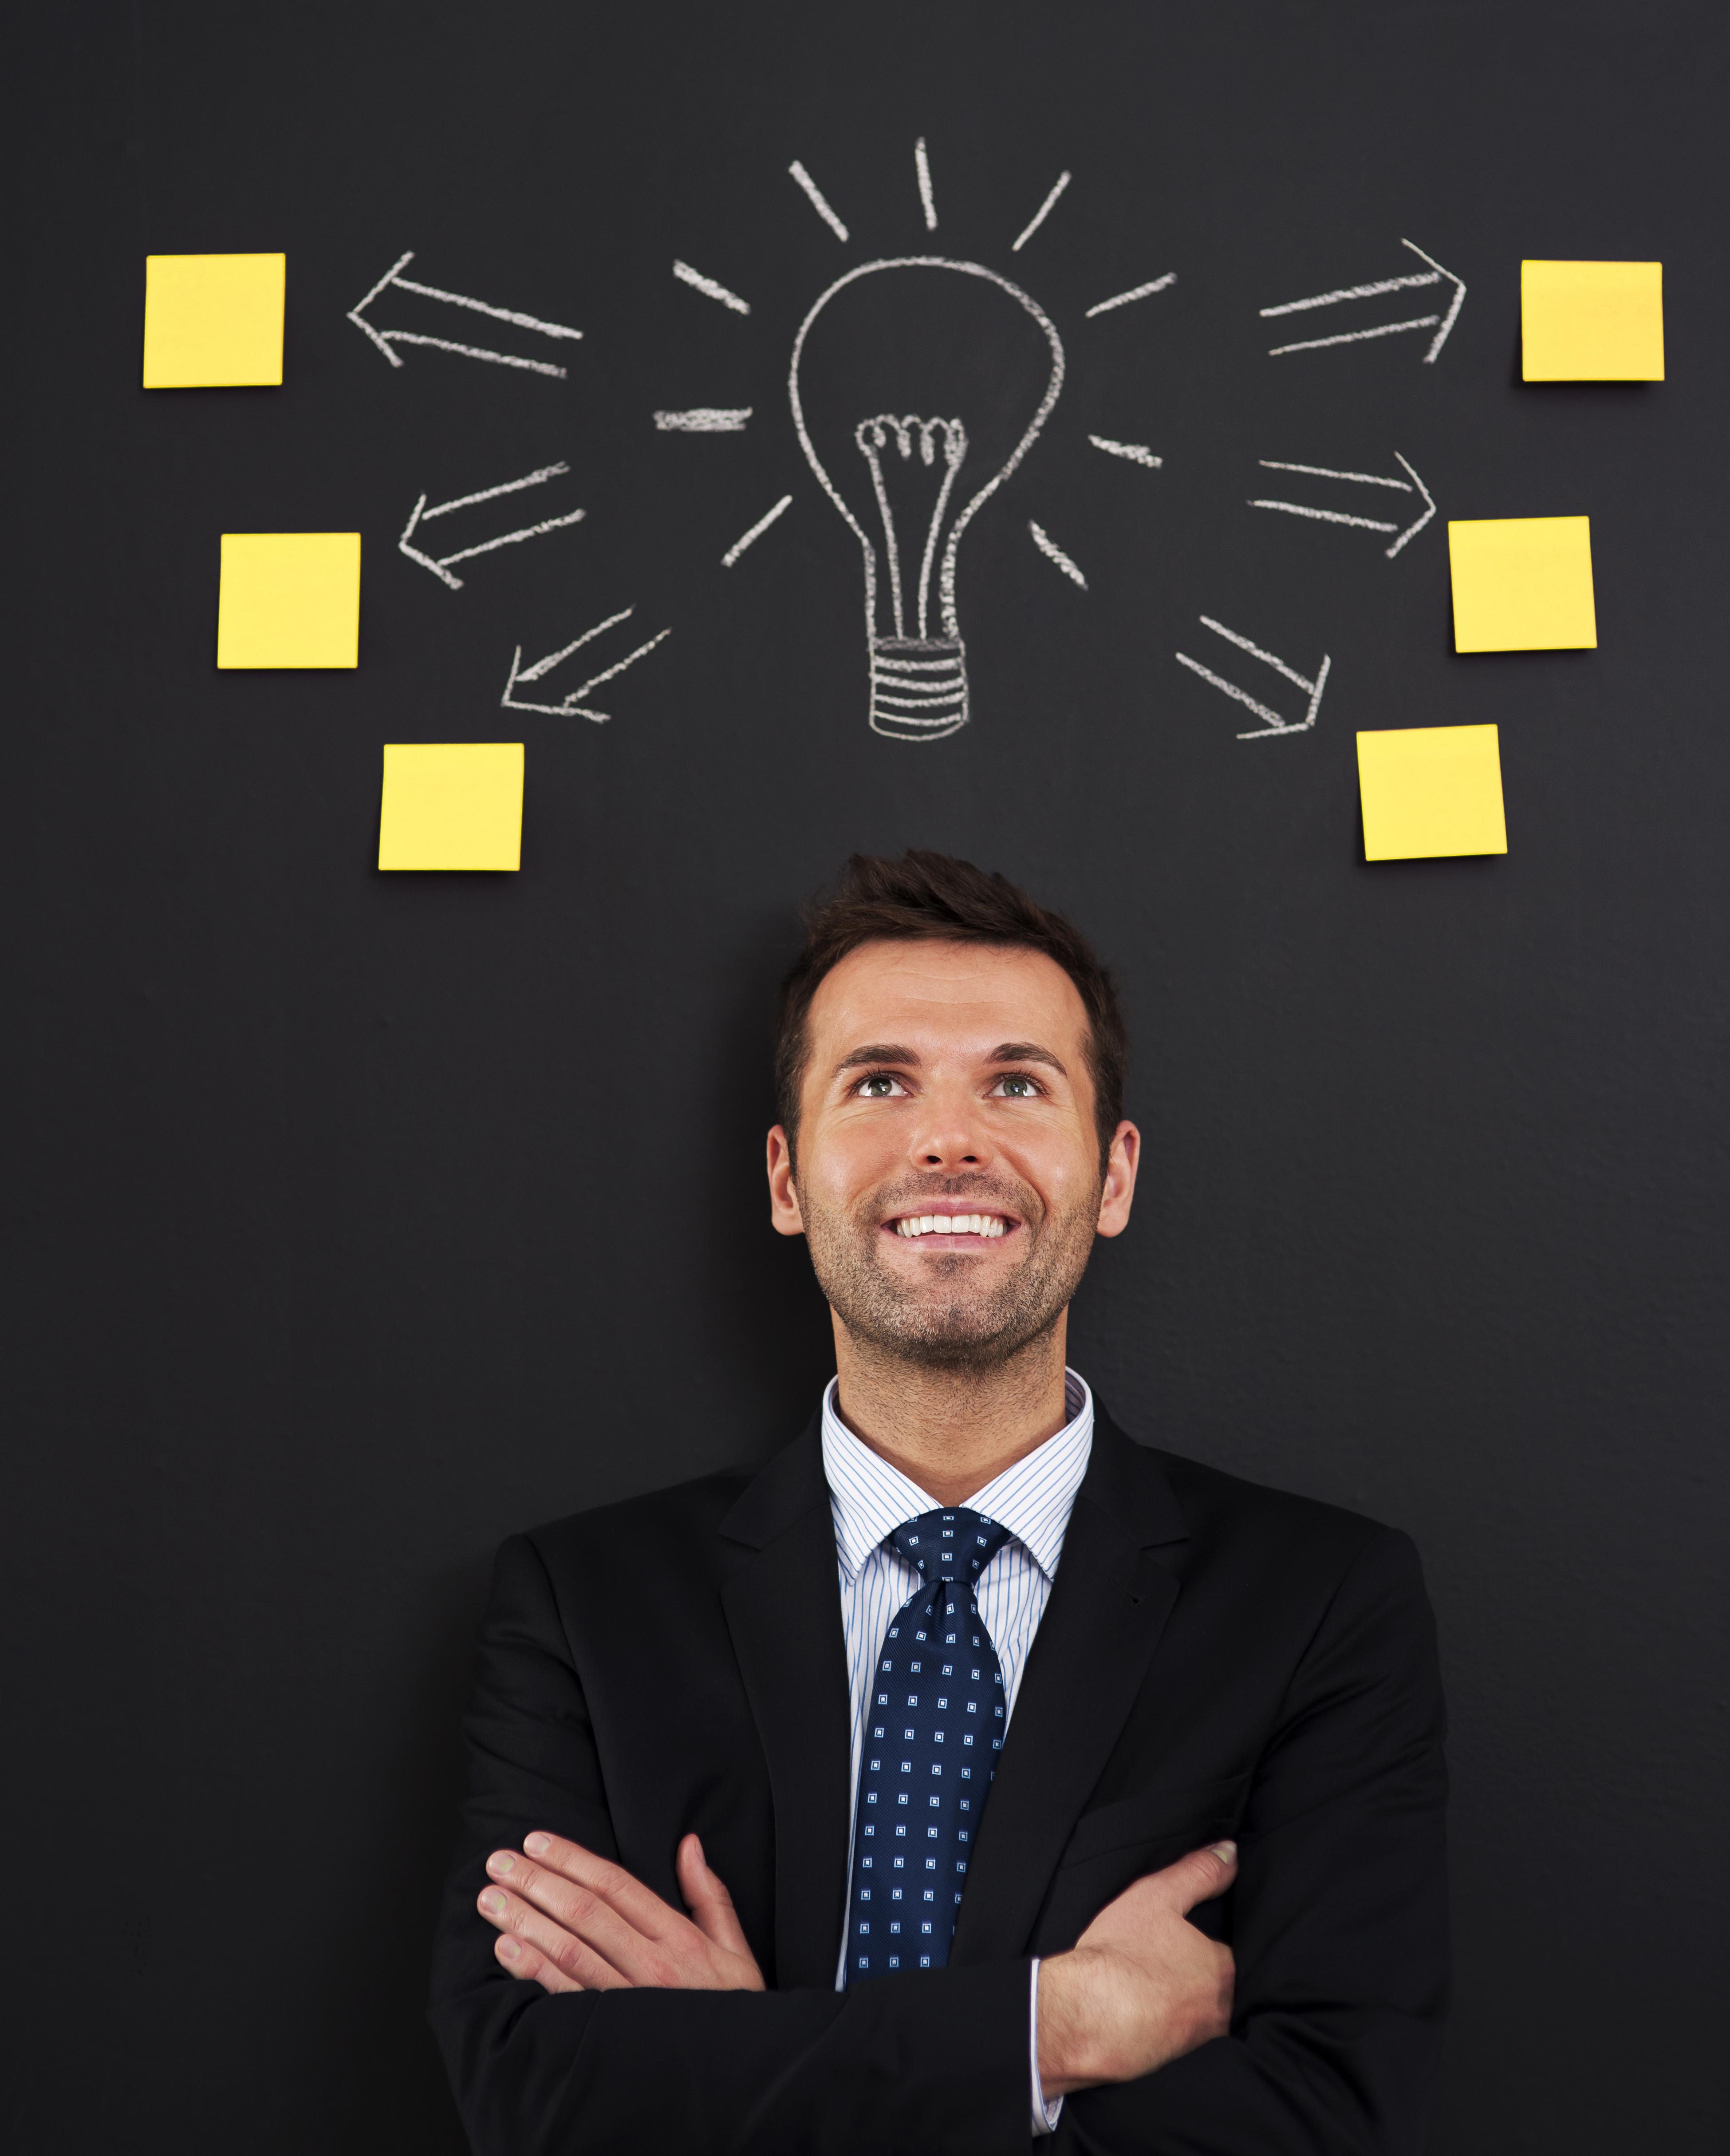 Course Image Herramientas de Comunicación Efectiva